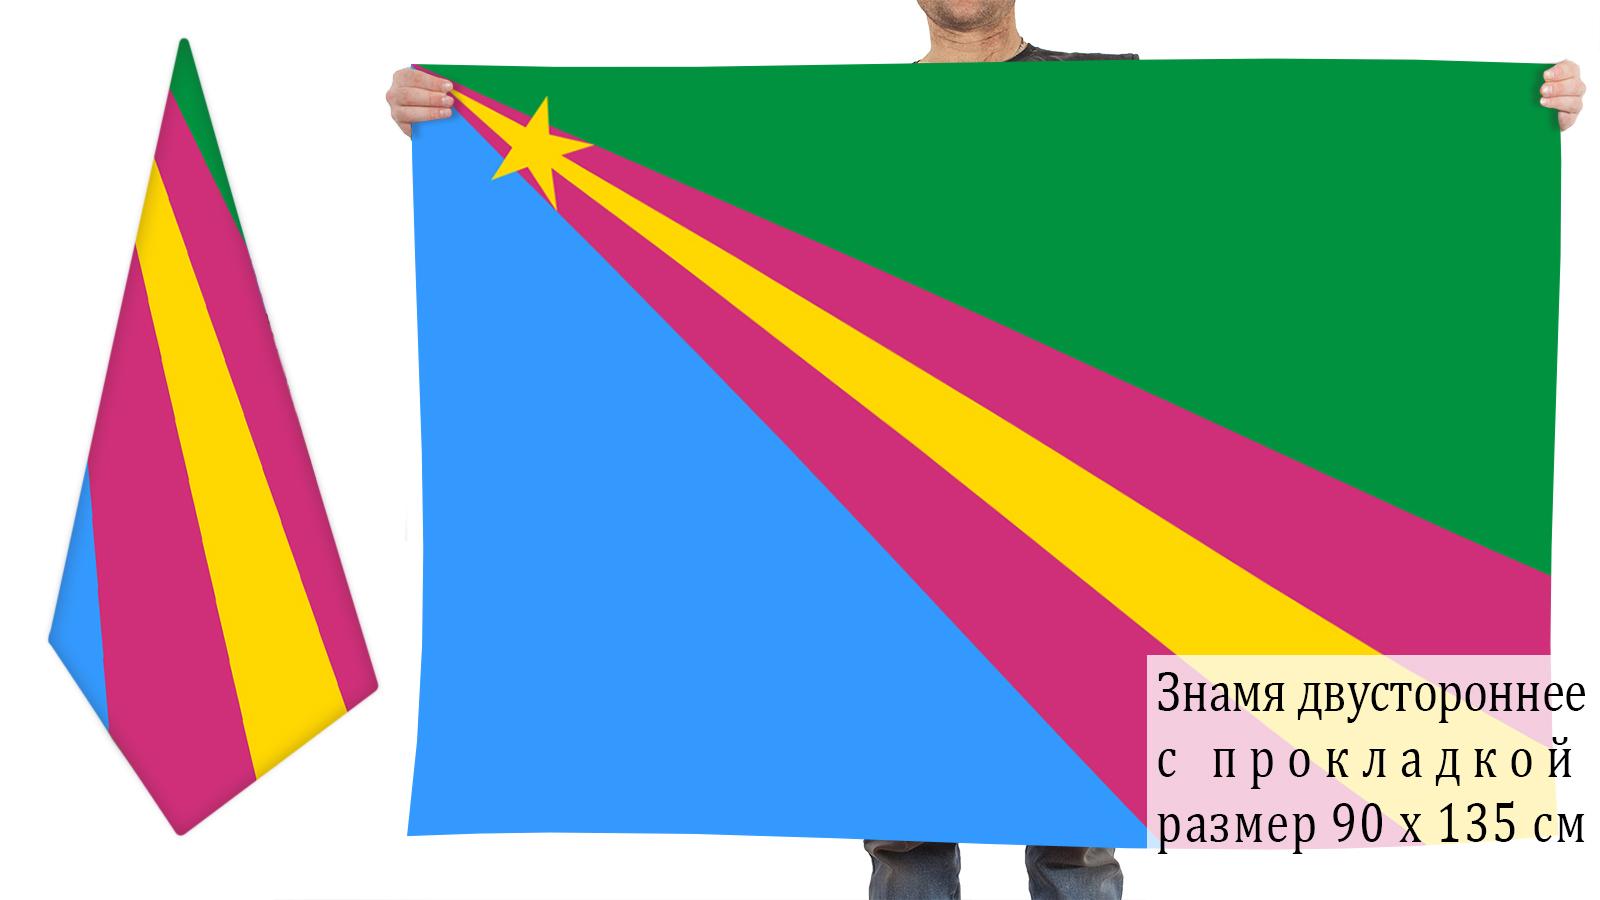 Двусторонний флаг Заволжского района